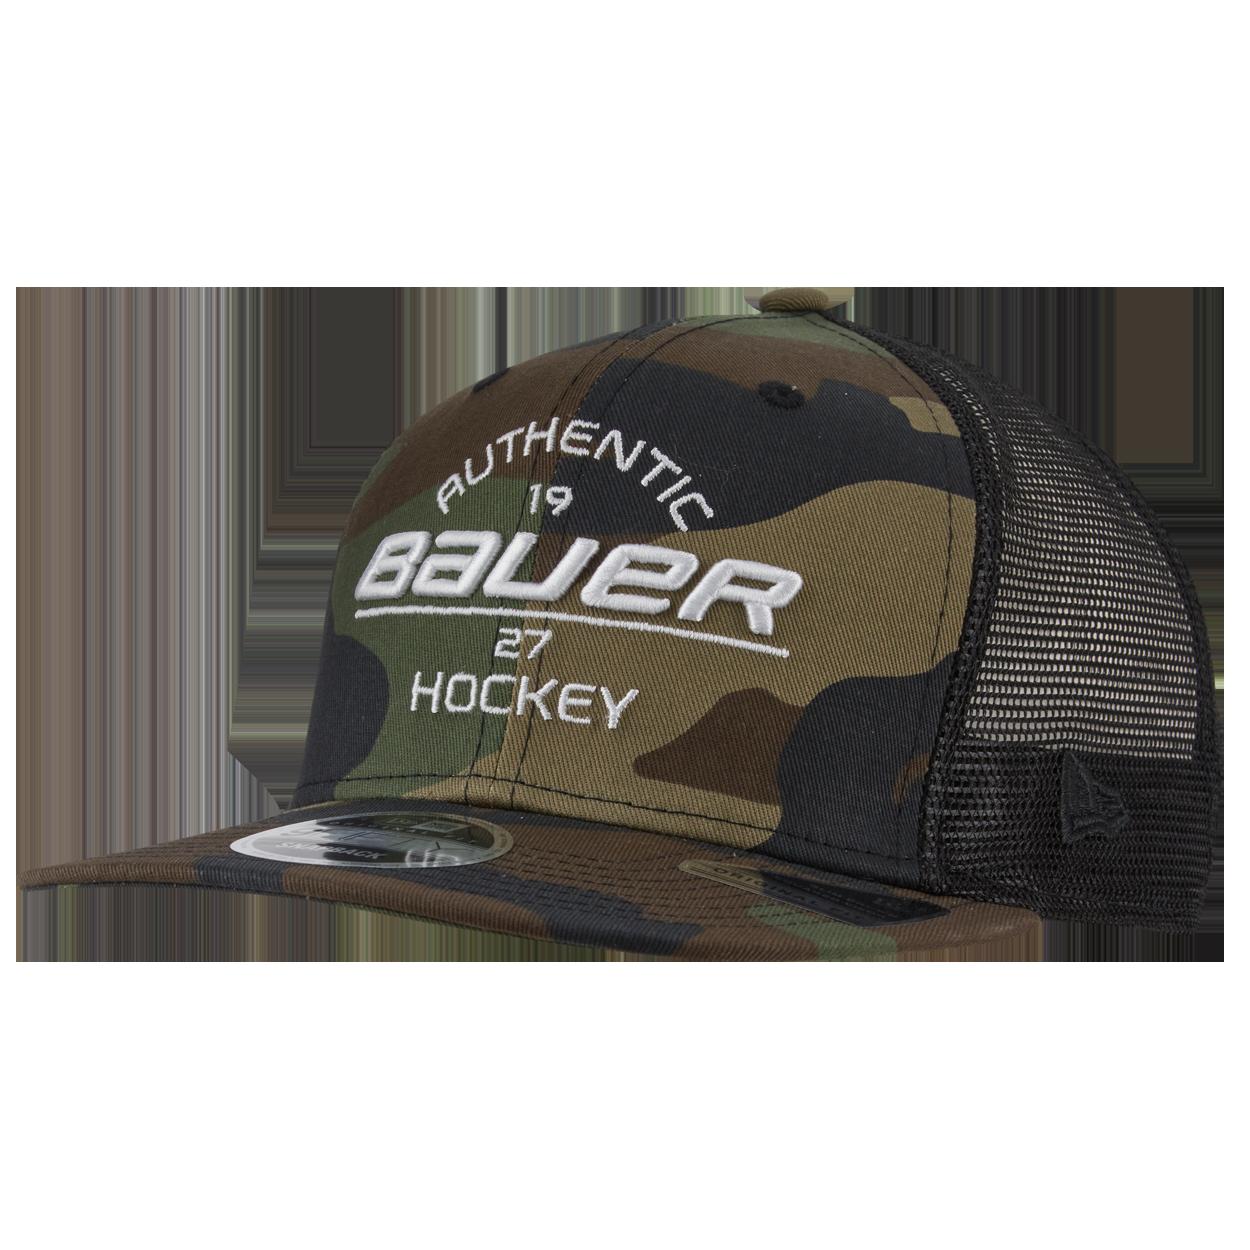 New Era 9FIFTY Camo Snapback Hat